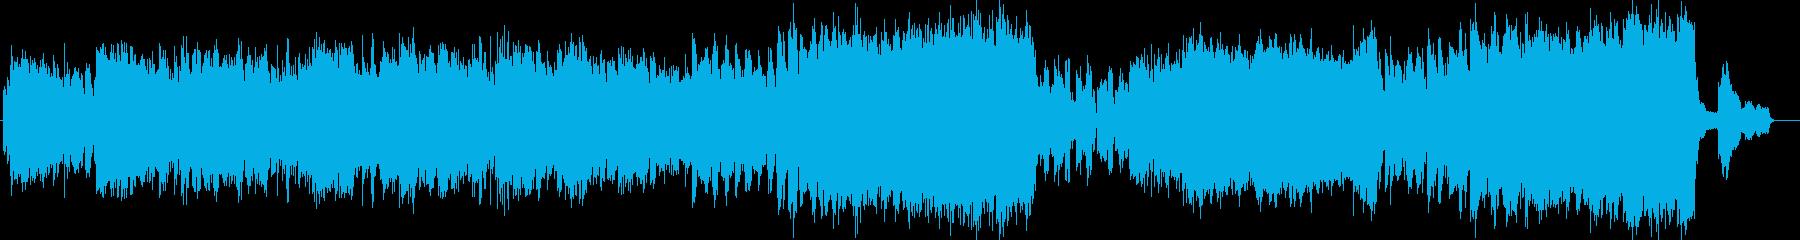 ピアノの旋律が特徴的なBGM:春の自然の再生済みの波形